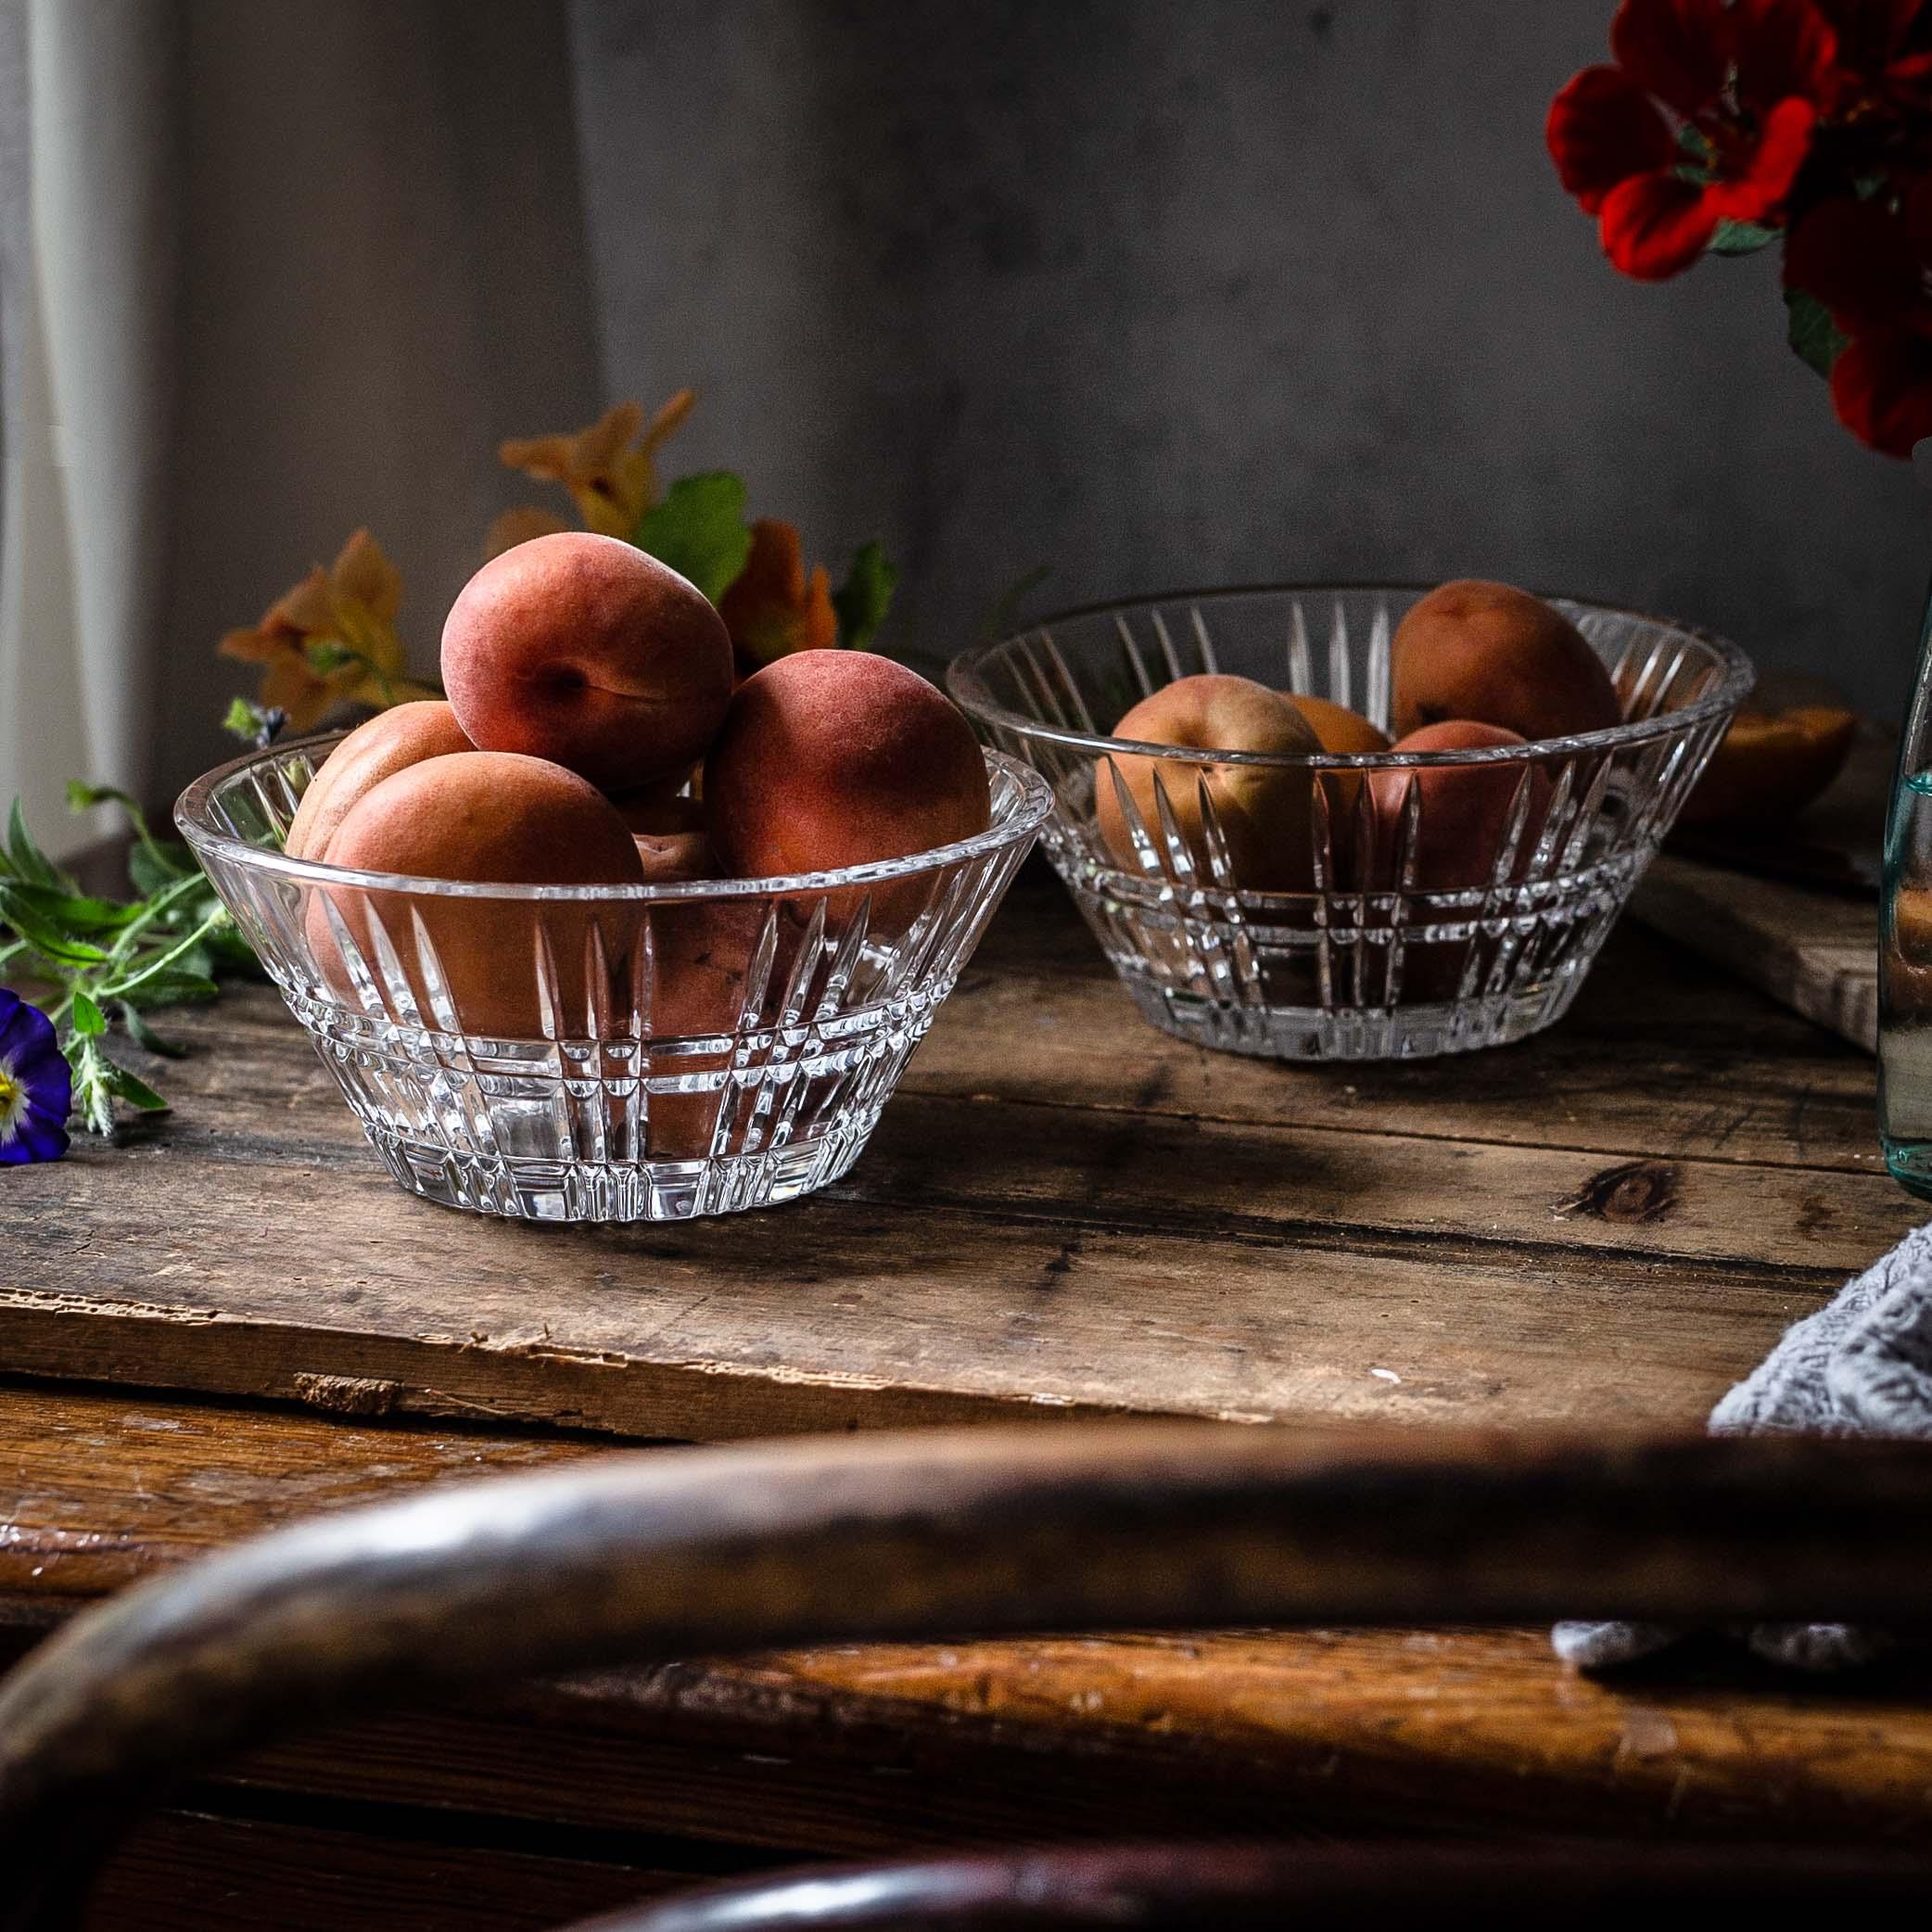 Die Aprikosen sind auch pur bereits zuckersüß.